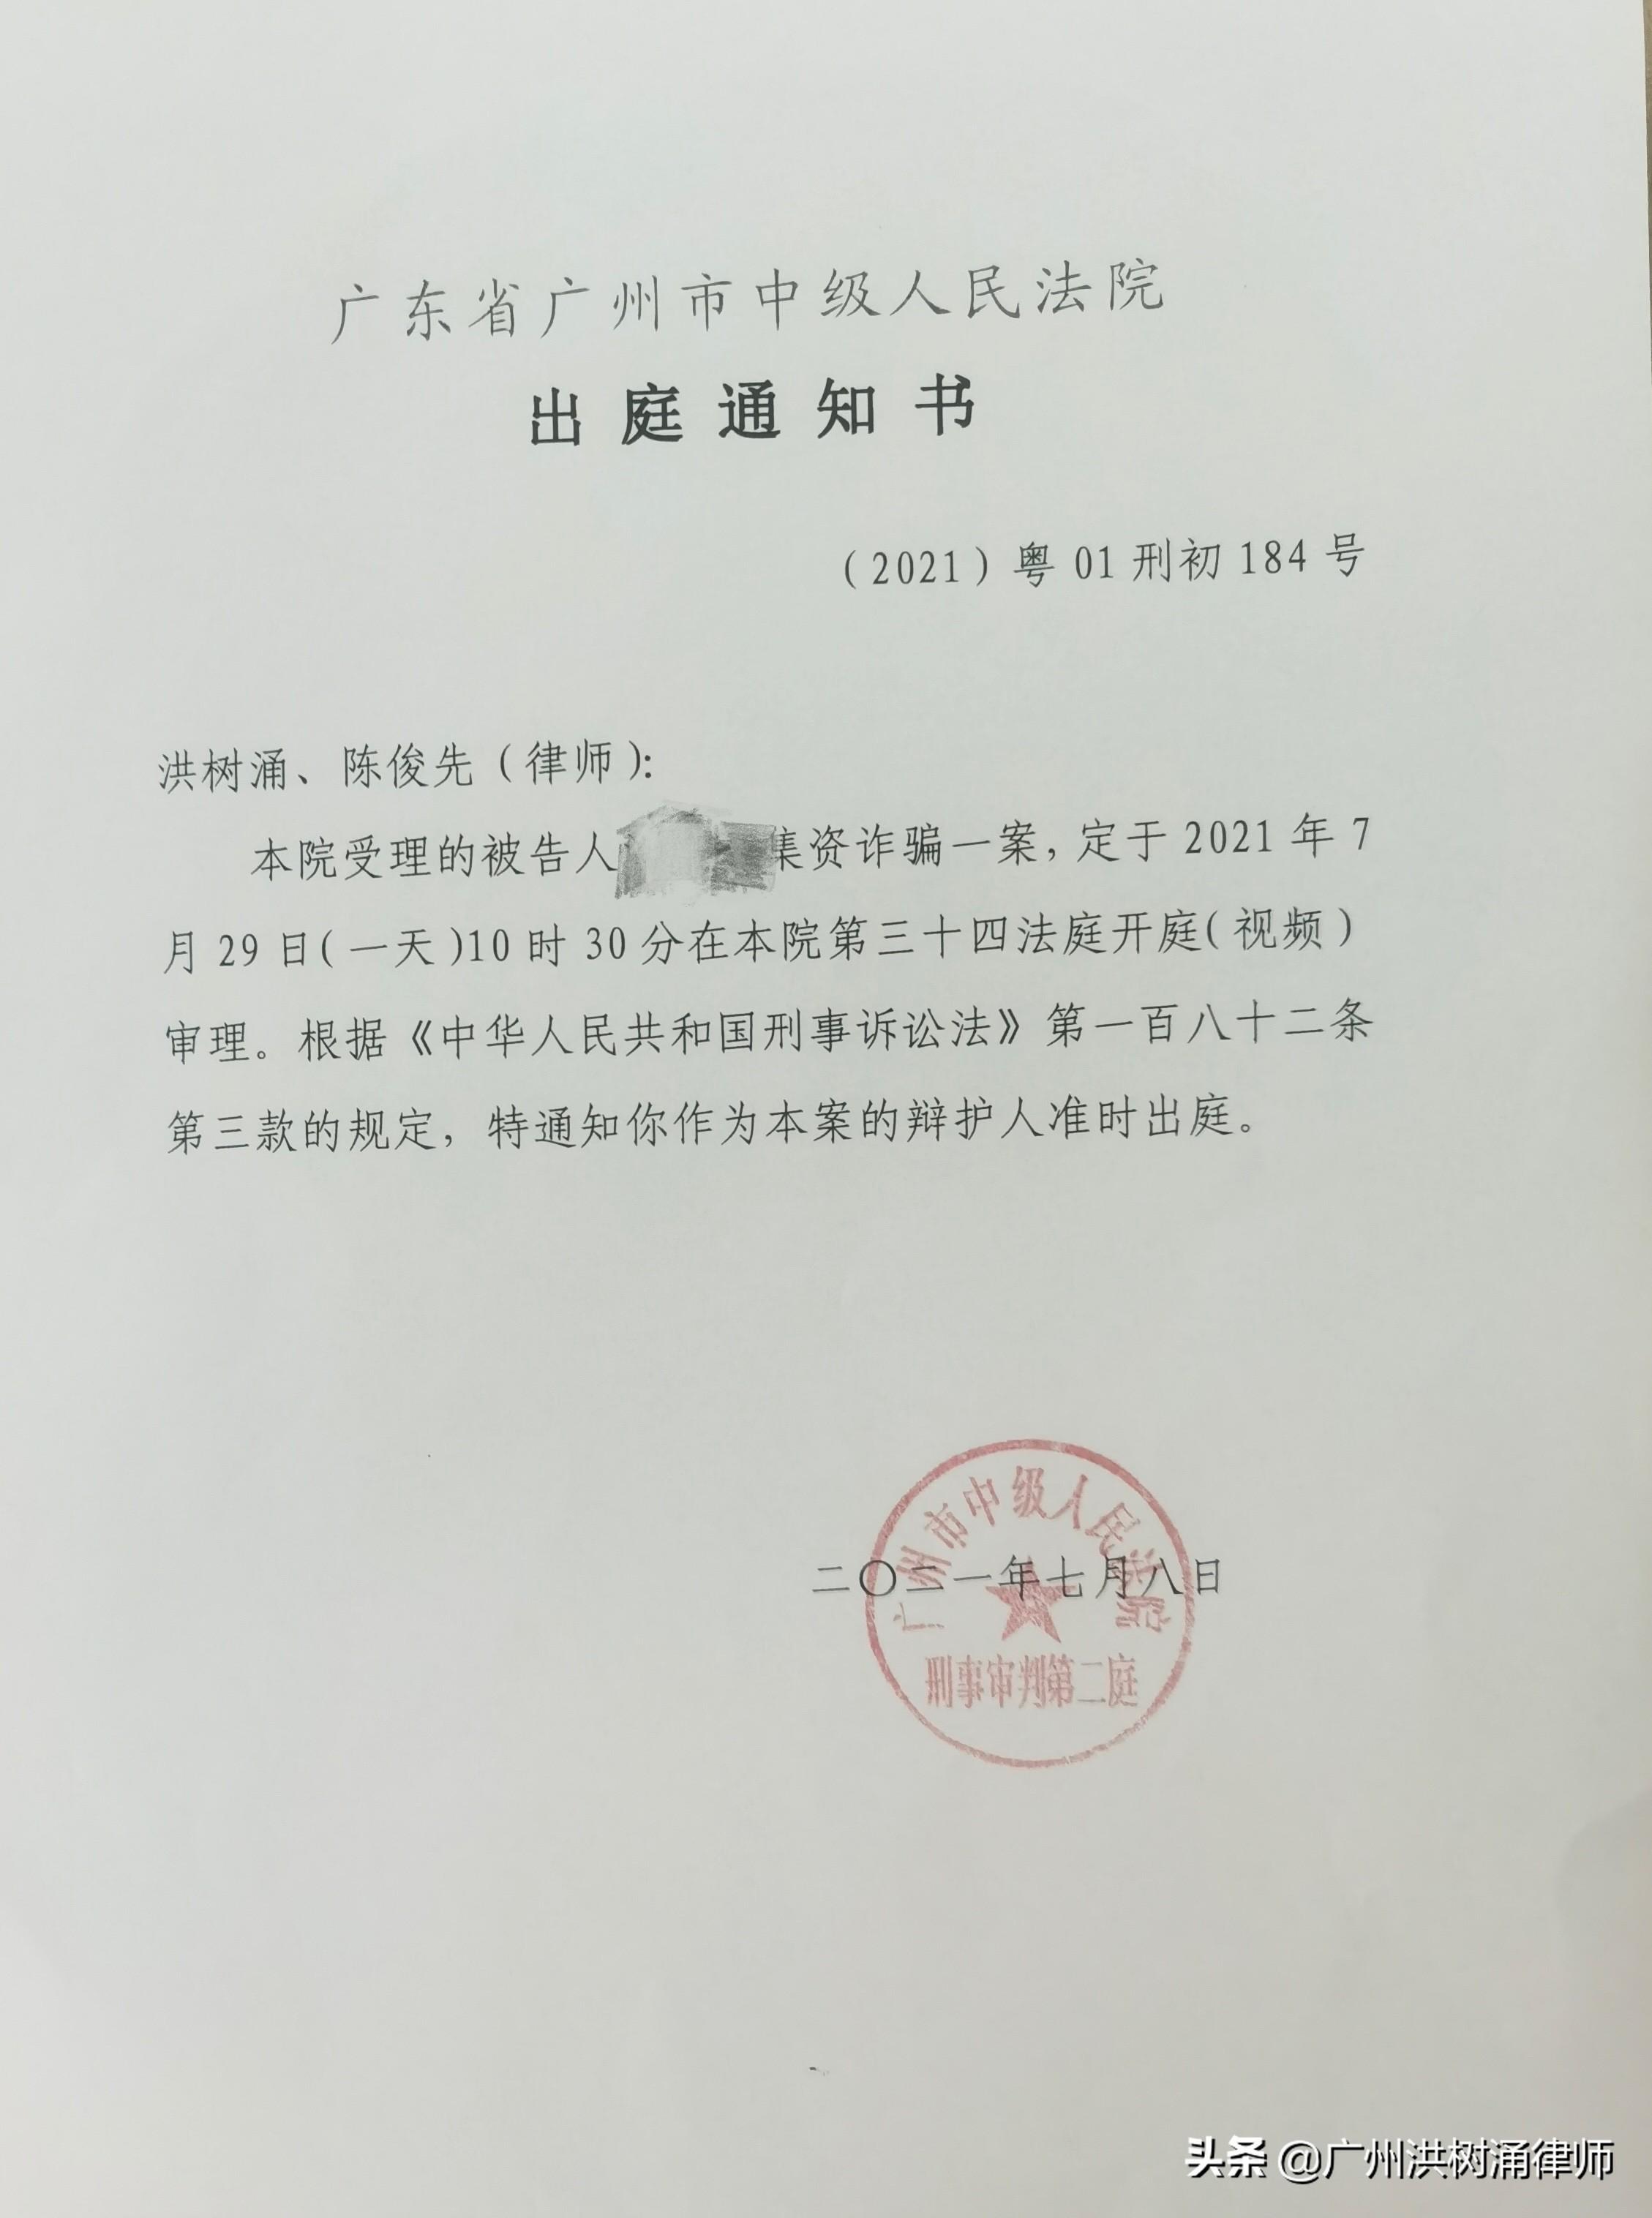 广东泓法刑辩战队洪树涌和陈俊先出庭为温某某涉嫌集资诈骗案辩护